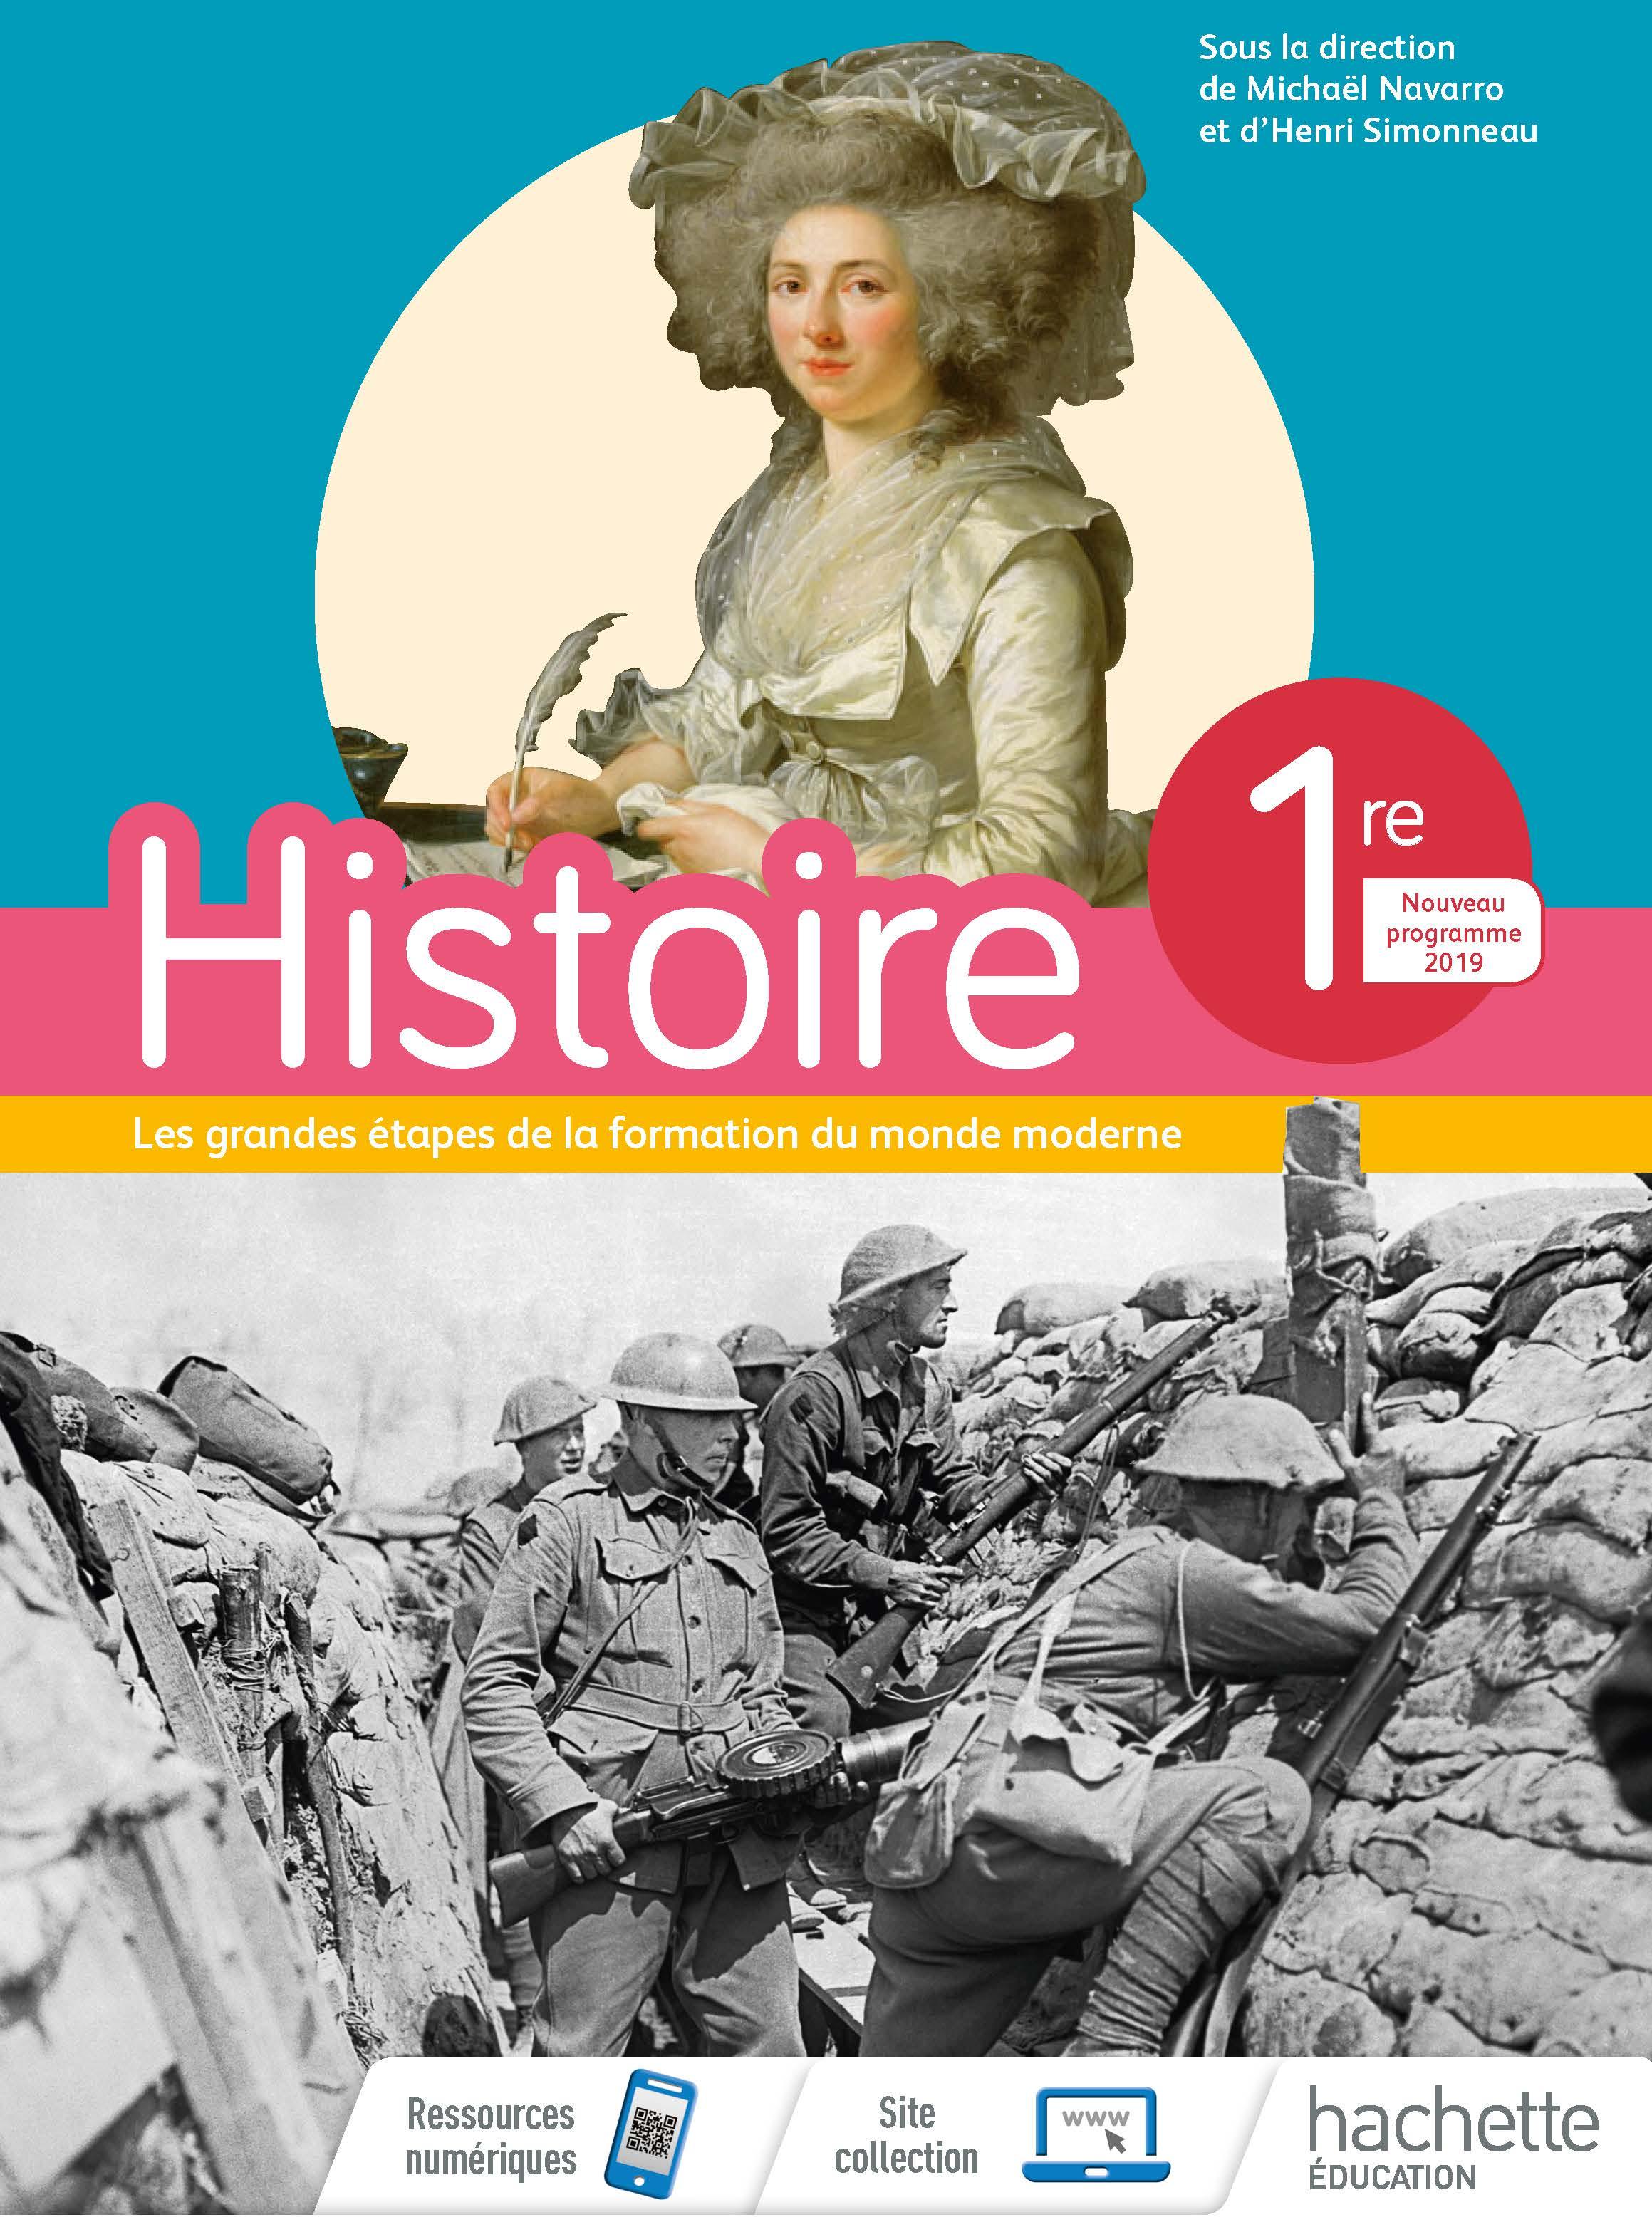 Histoire-1re-compressor